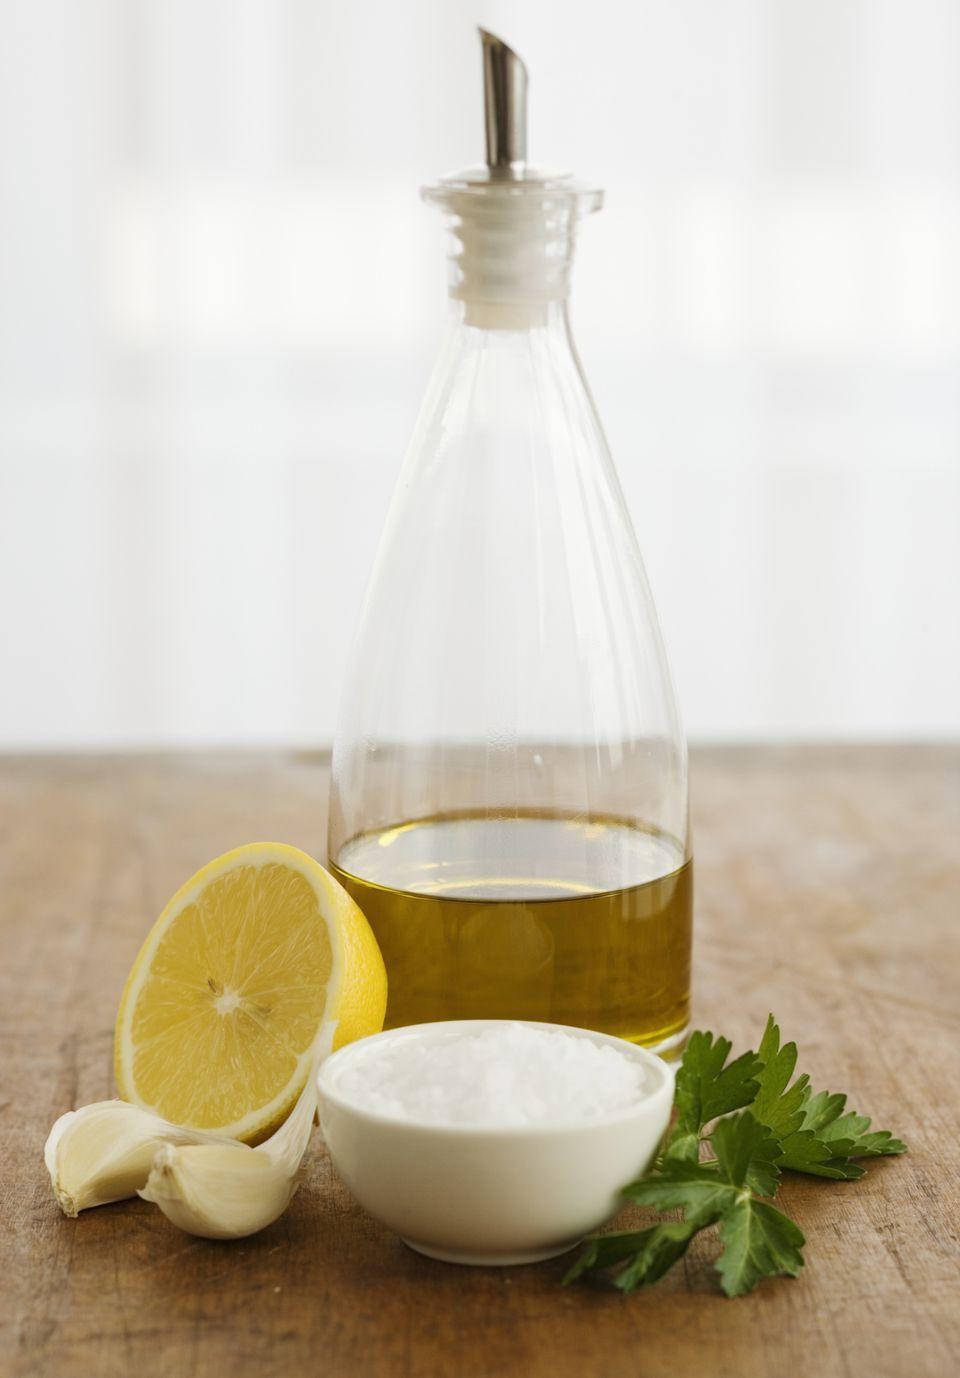 lemon-and-olive-oil.jpg